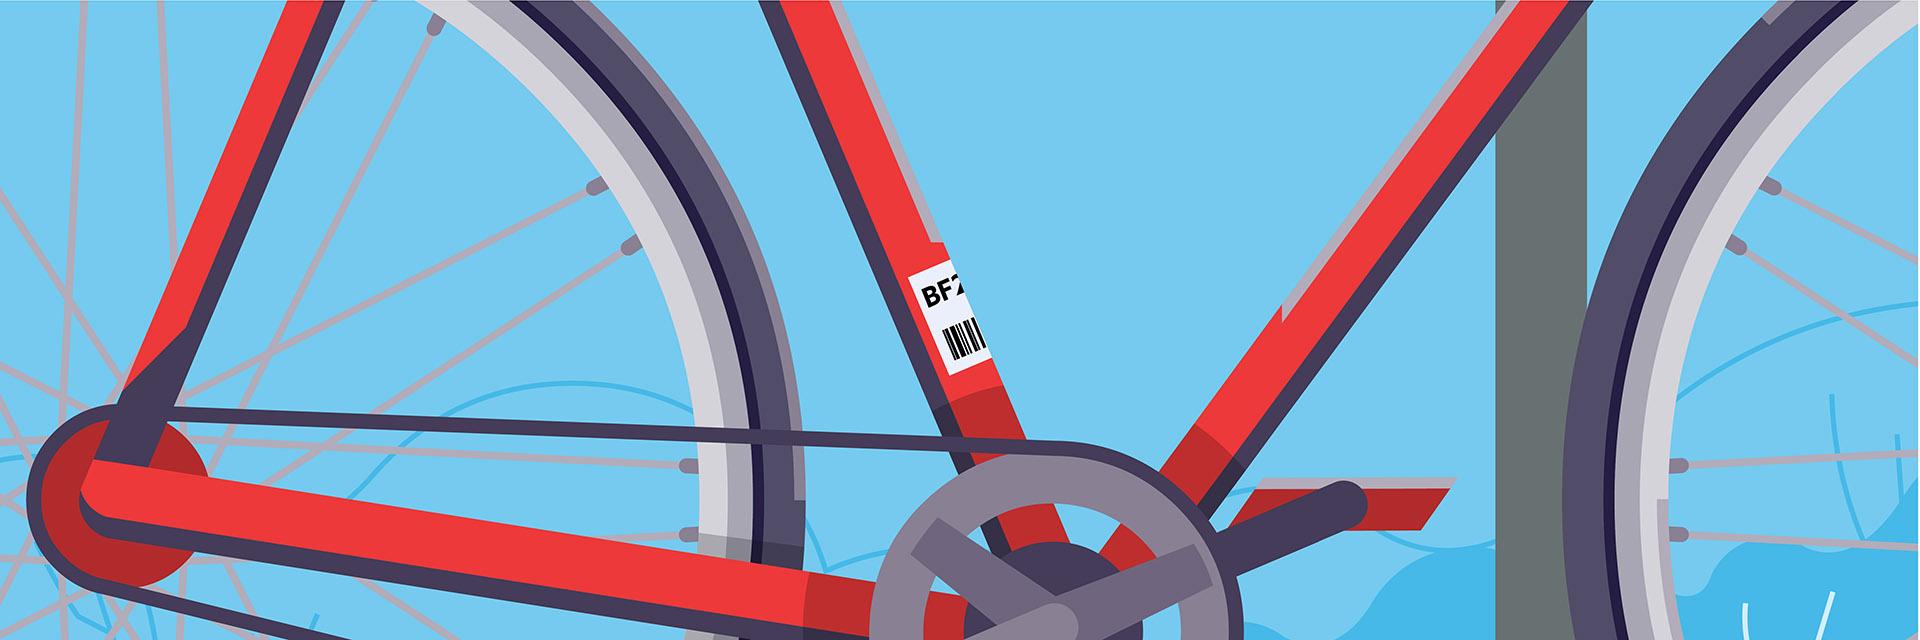 Framenummer: De echte held van het fietsendiefstal dilemma & hoe het je fiets kan redden